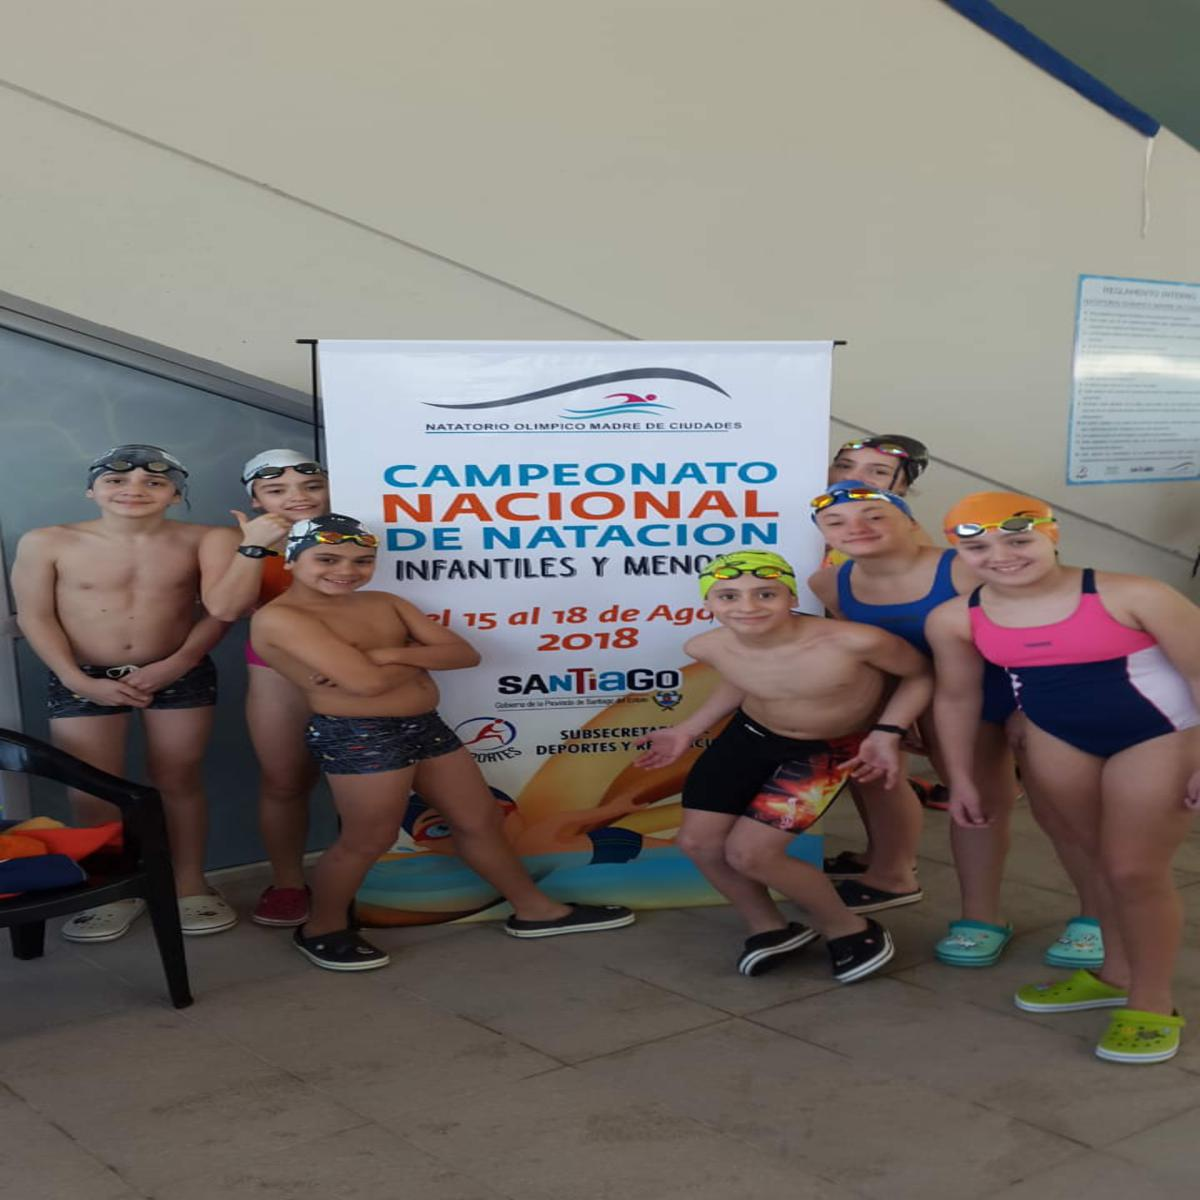 Natación: El Club Capri competirá, a partir de mañana, en el Campeonato Nacional de Natación Infantiles y Menores